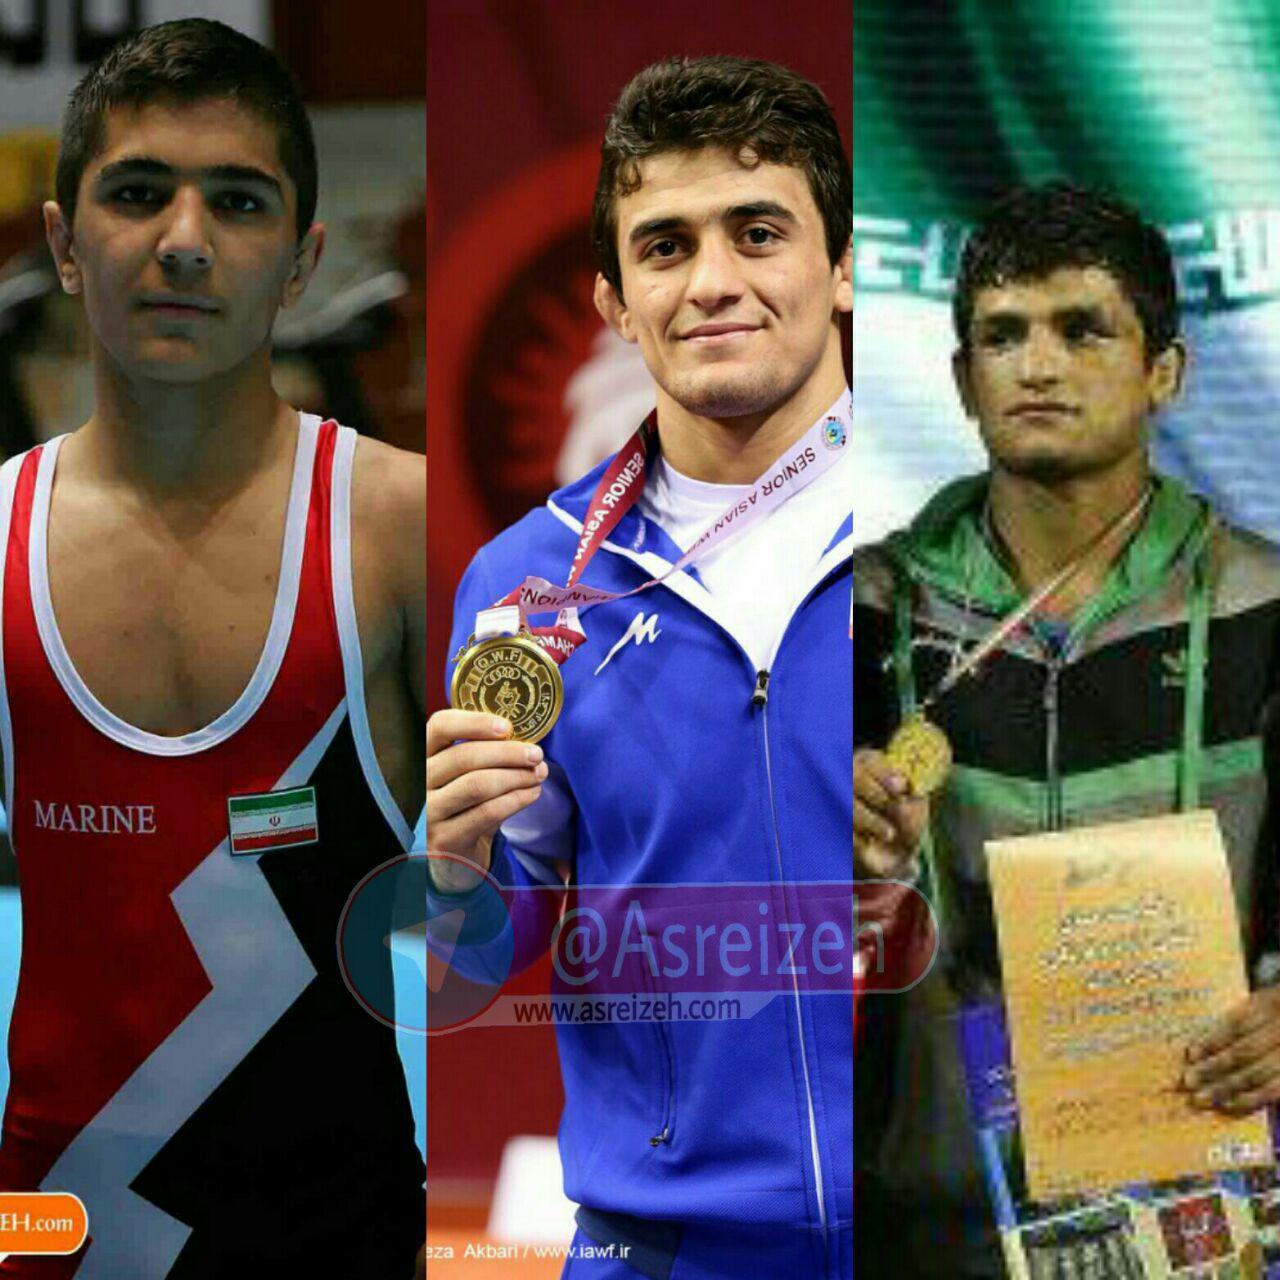 طاهری در فکر مسابقات جهانی، پویا و حسین بدنبال درخشش در جام شاهد